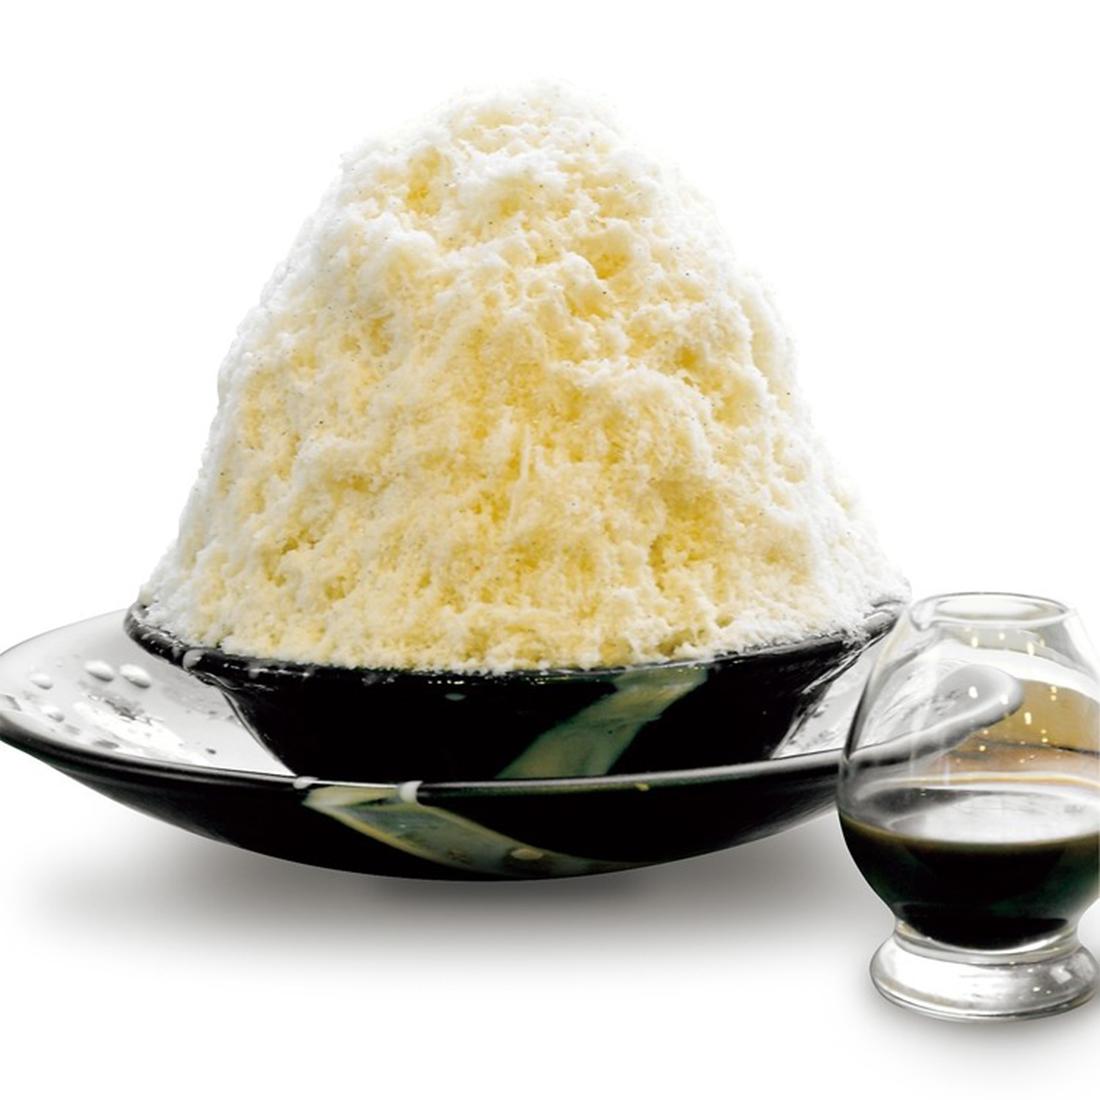 最高品質のバニラビ ーンズとコーヒー豆使用、タヒチアンバニラミルク& ブラジル式エスプレッソ